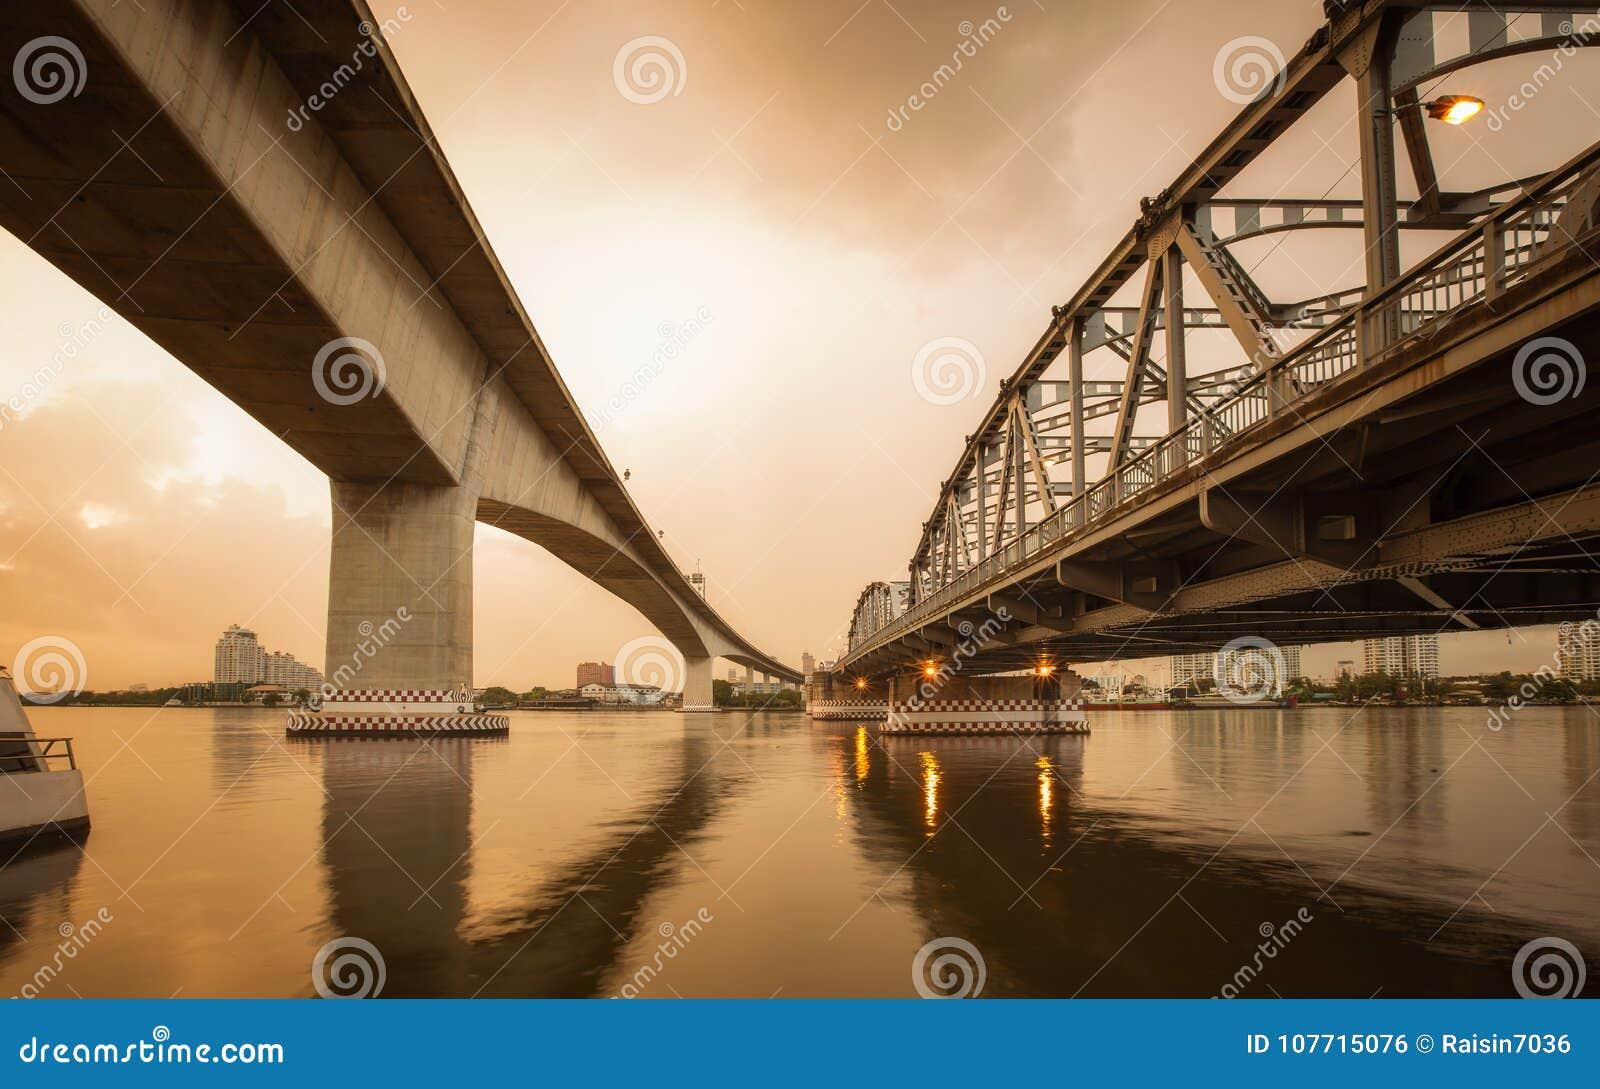 Γέφυρα σκυροδέματος και μετάλλων για το υπόβαθρο έννοιας μεταφορών